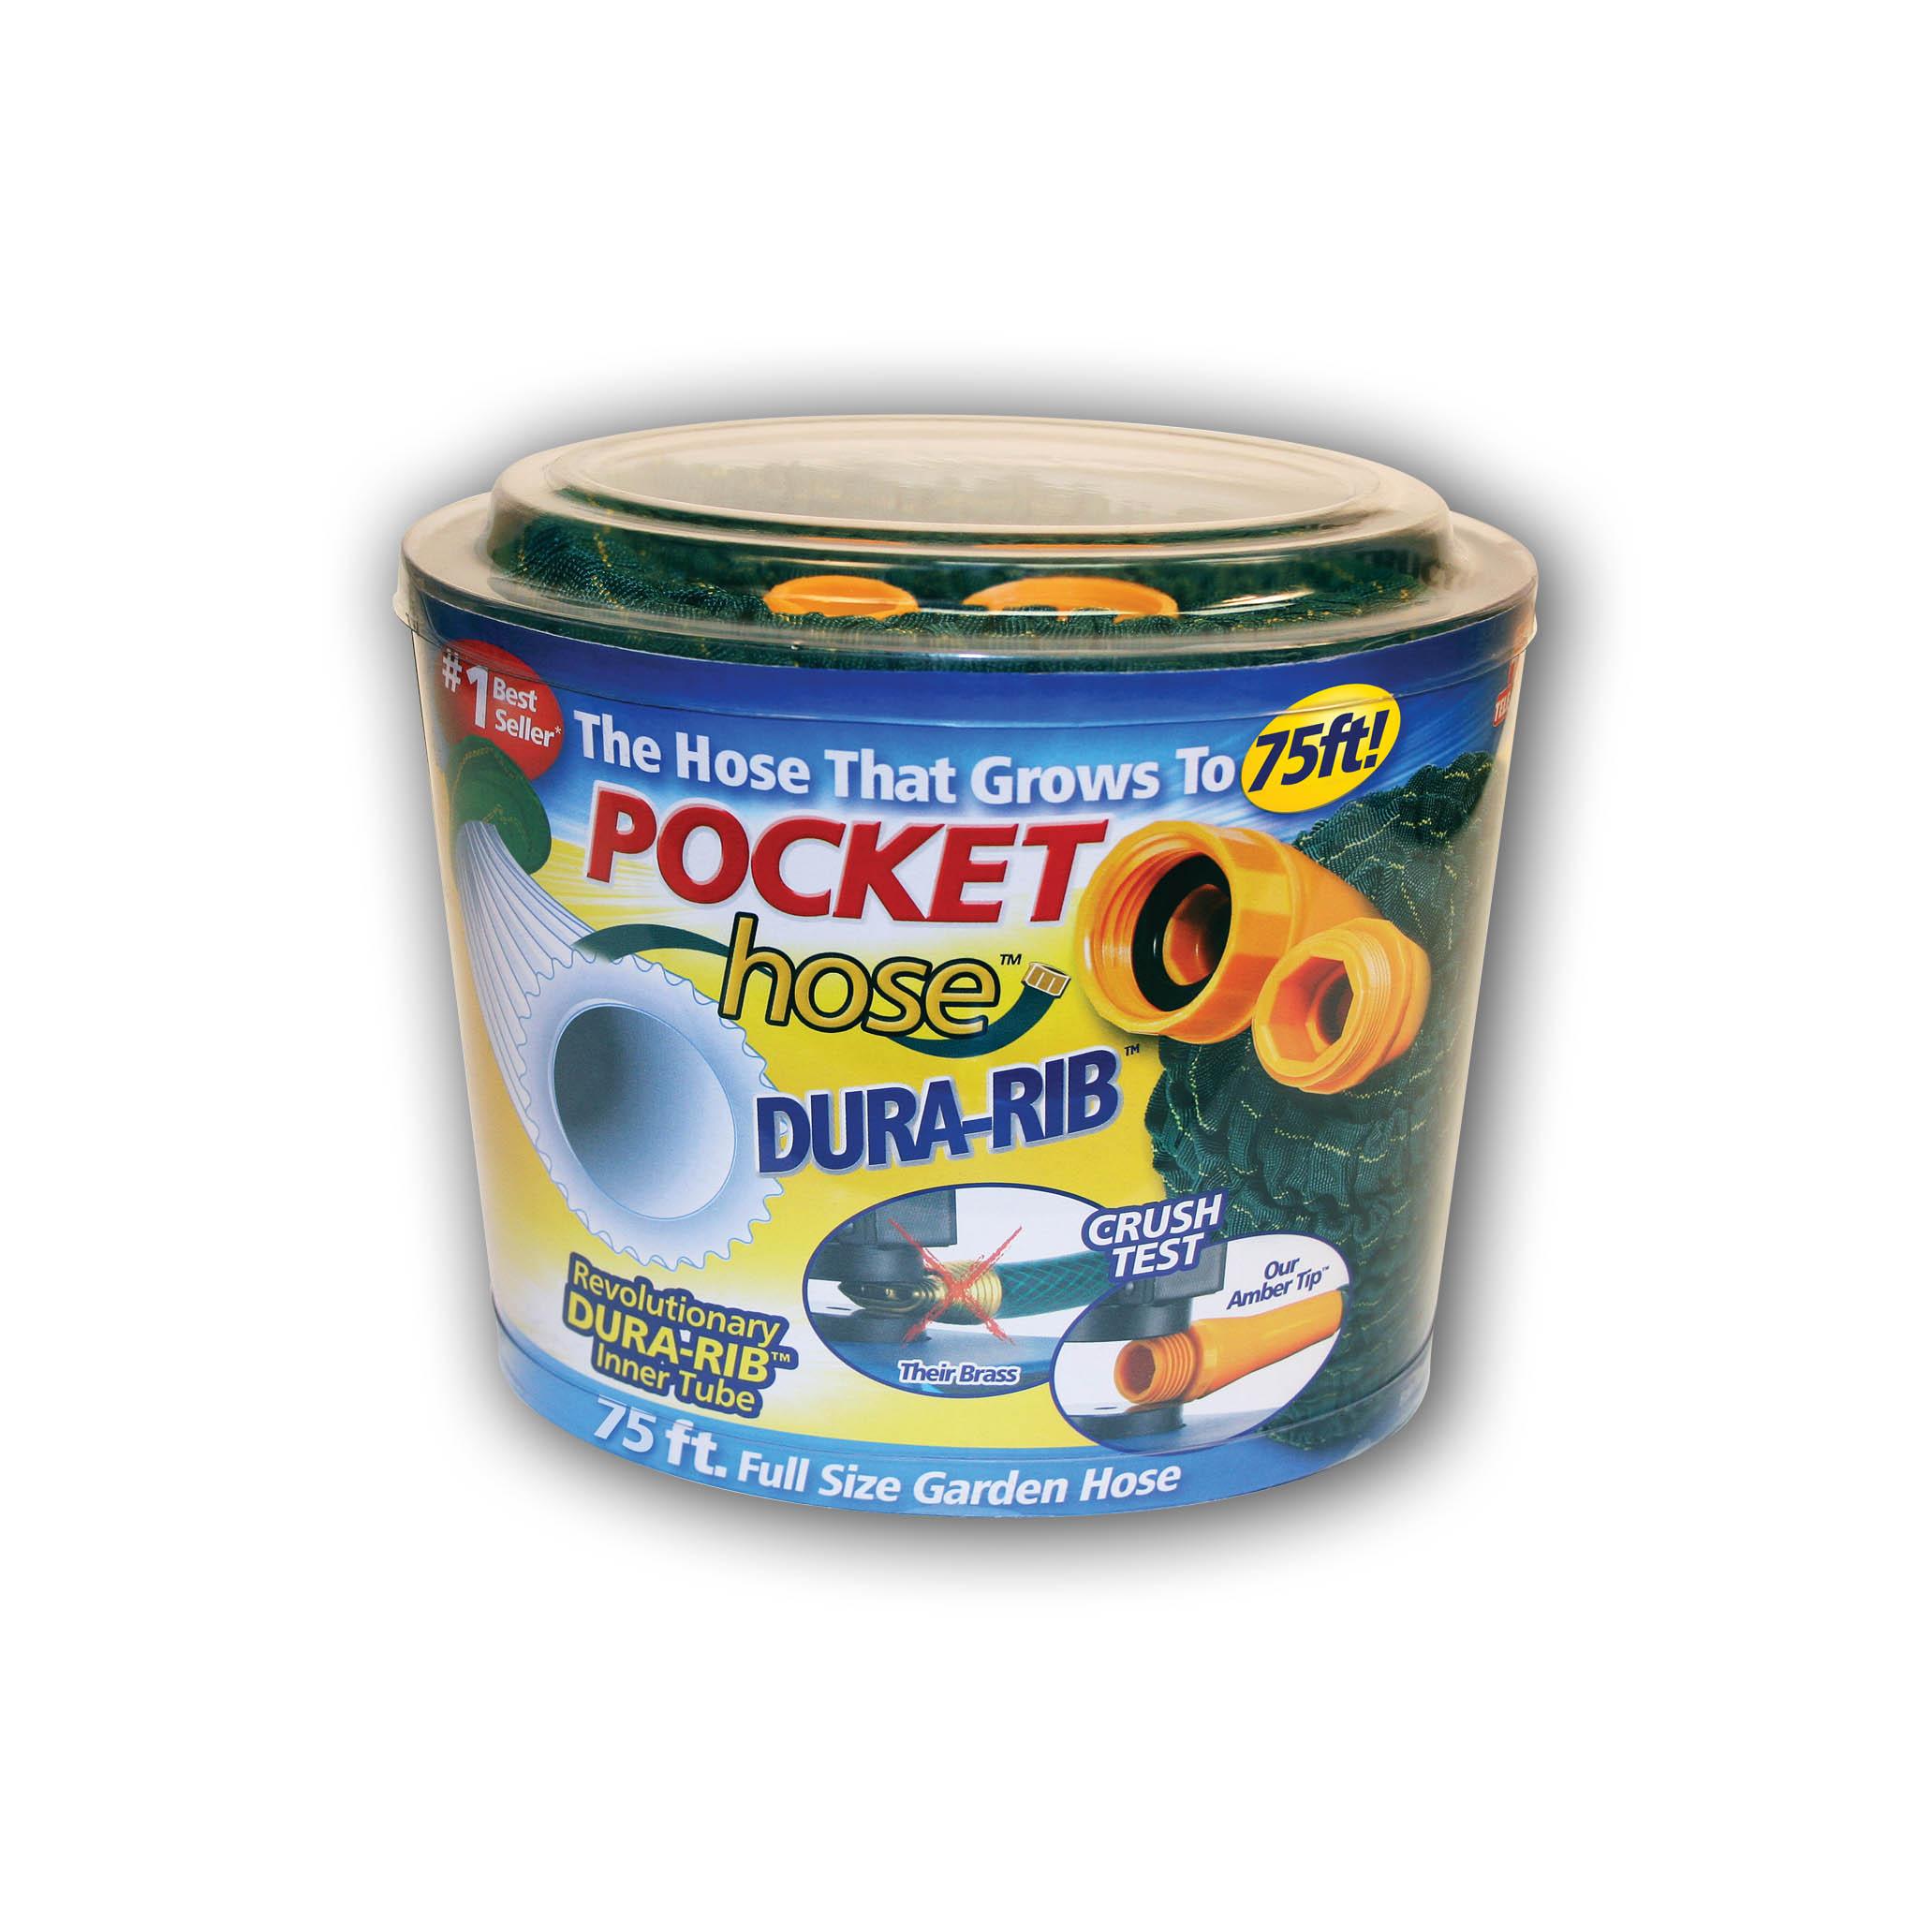 Pocket Hose DuraRib 75' WS